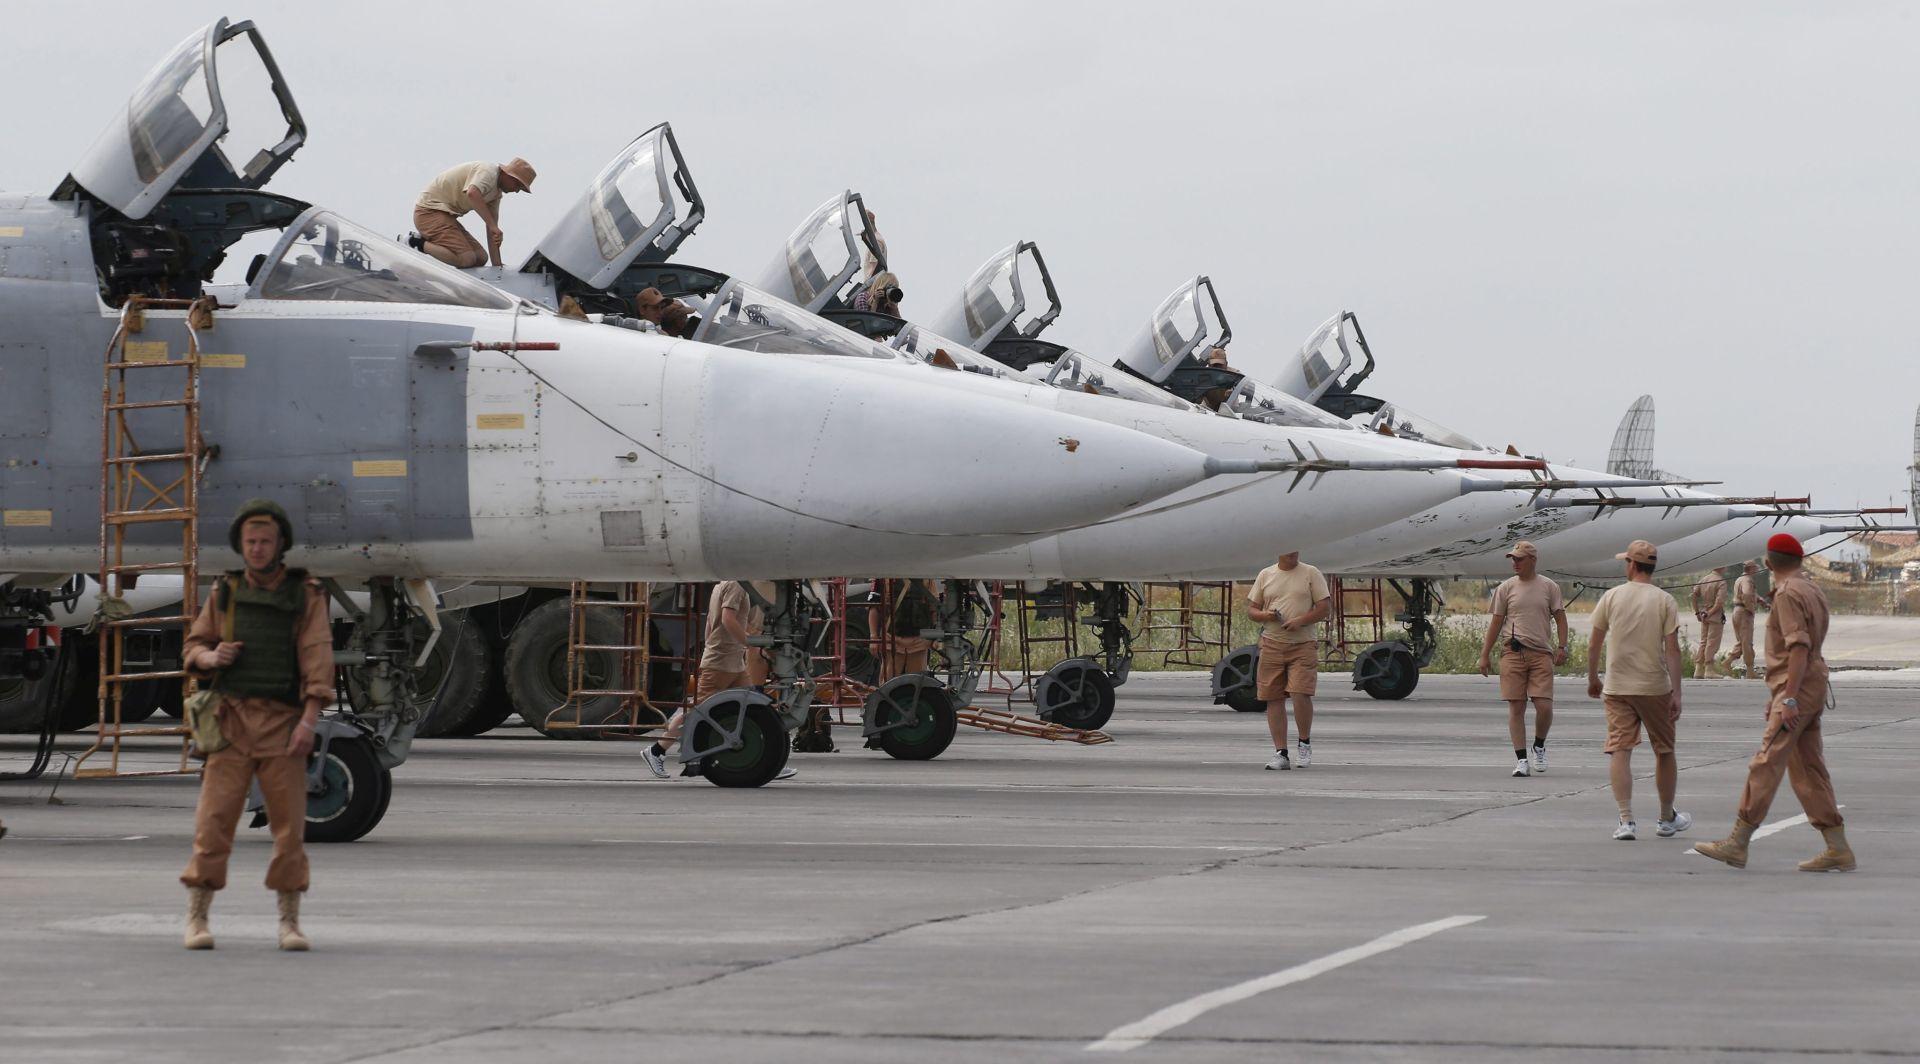 BORBA PROTIV TERORIZMA Vershbow: 'Trenutno suradnja NATO-a i Rusije nije realna'